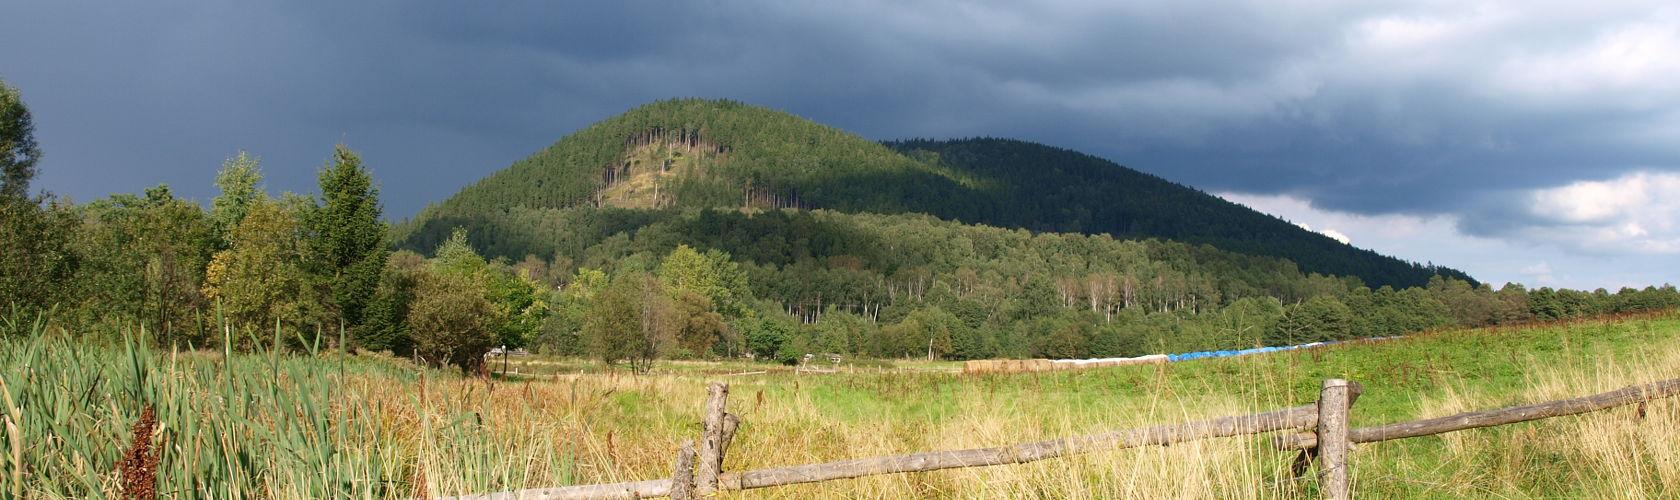 Mniszek (niem. Hoch-Berg) – szczyt górski (711 i 704 m n.p.m.) w południowo-zachodniej Polsce, w Sudetach Środkowych, w Górach Wałbrzyskich.